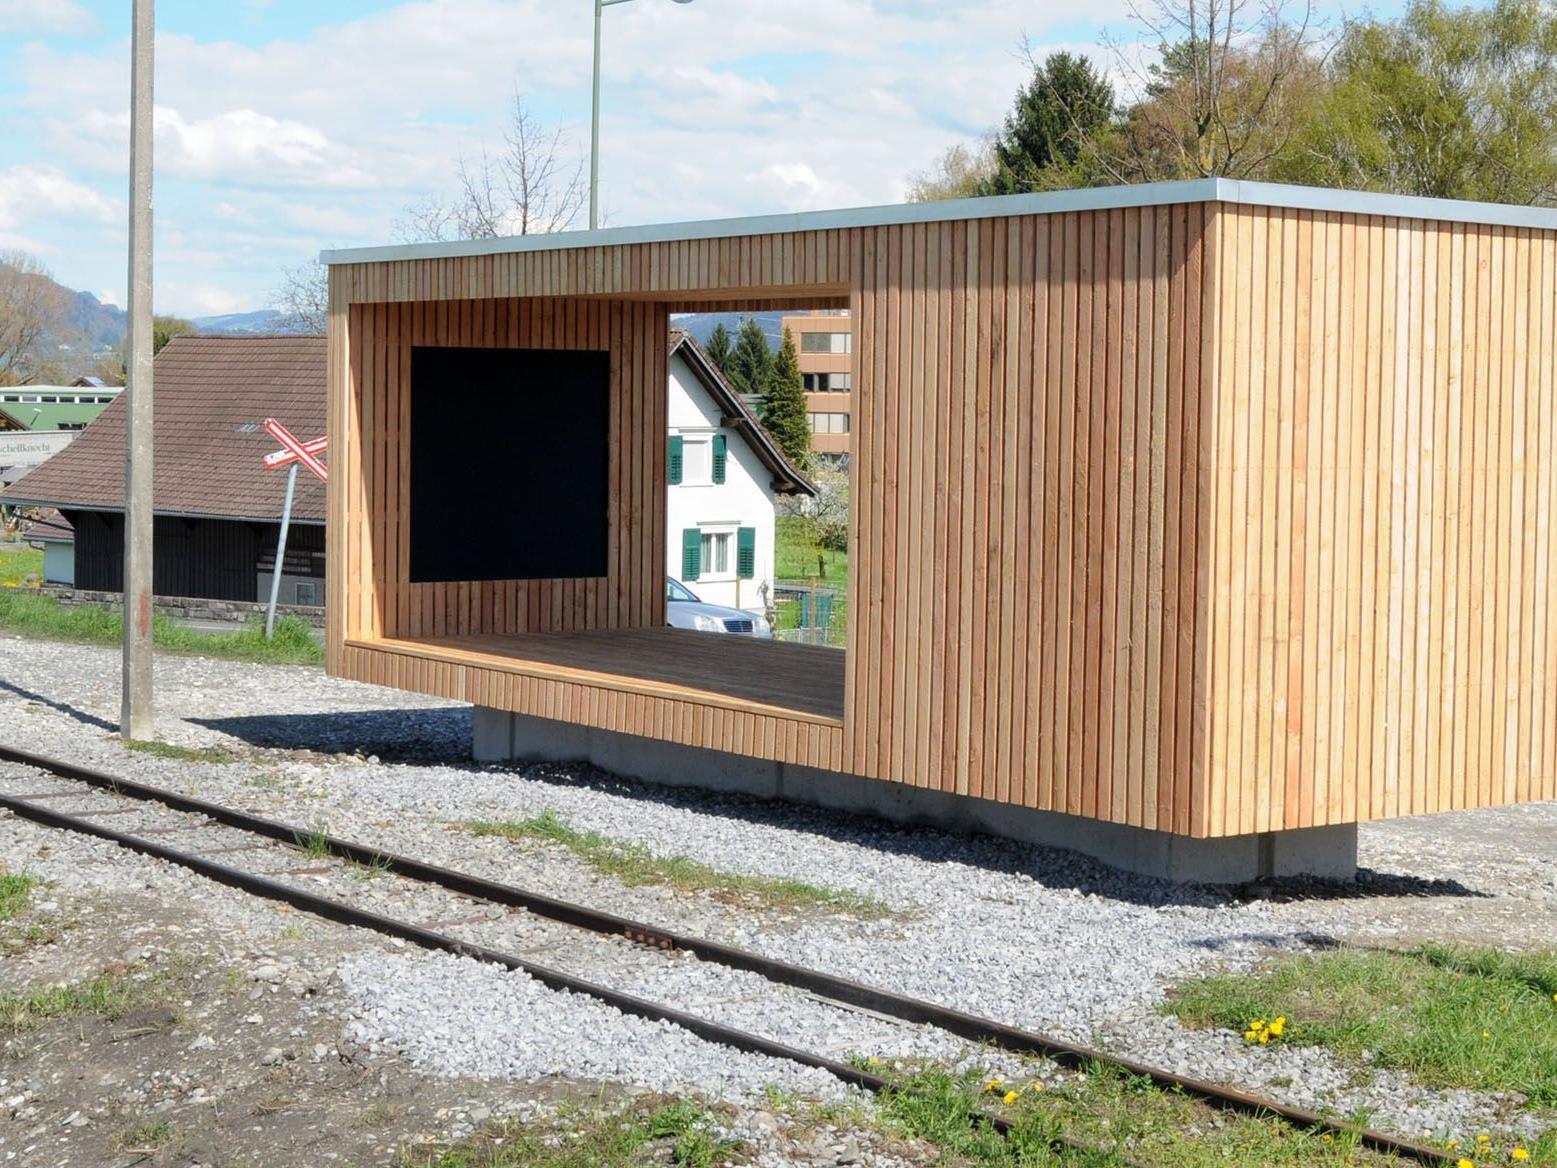 Pegelmessstation für den Neuen Rhein an der Rheinbrücke Lustenau-Höchst